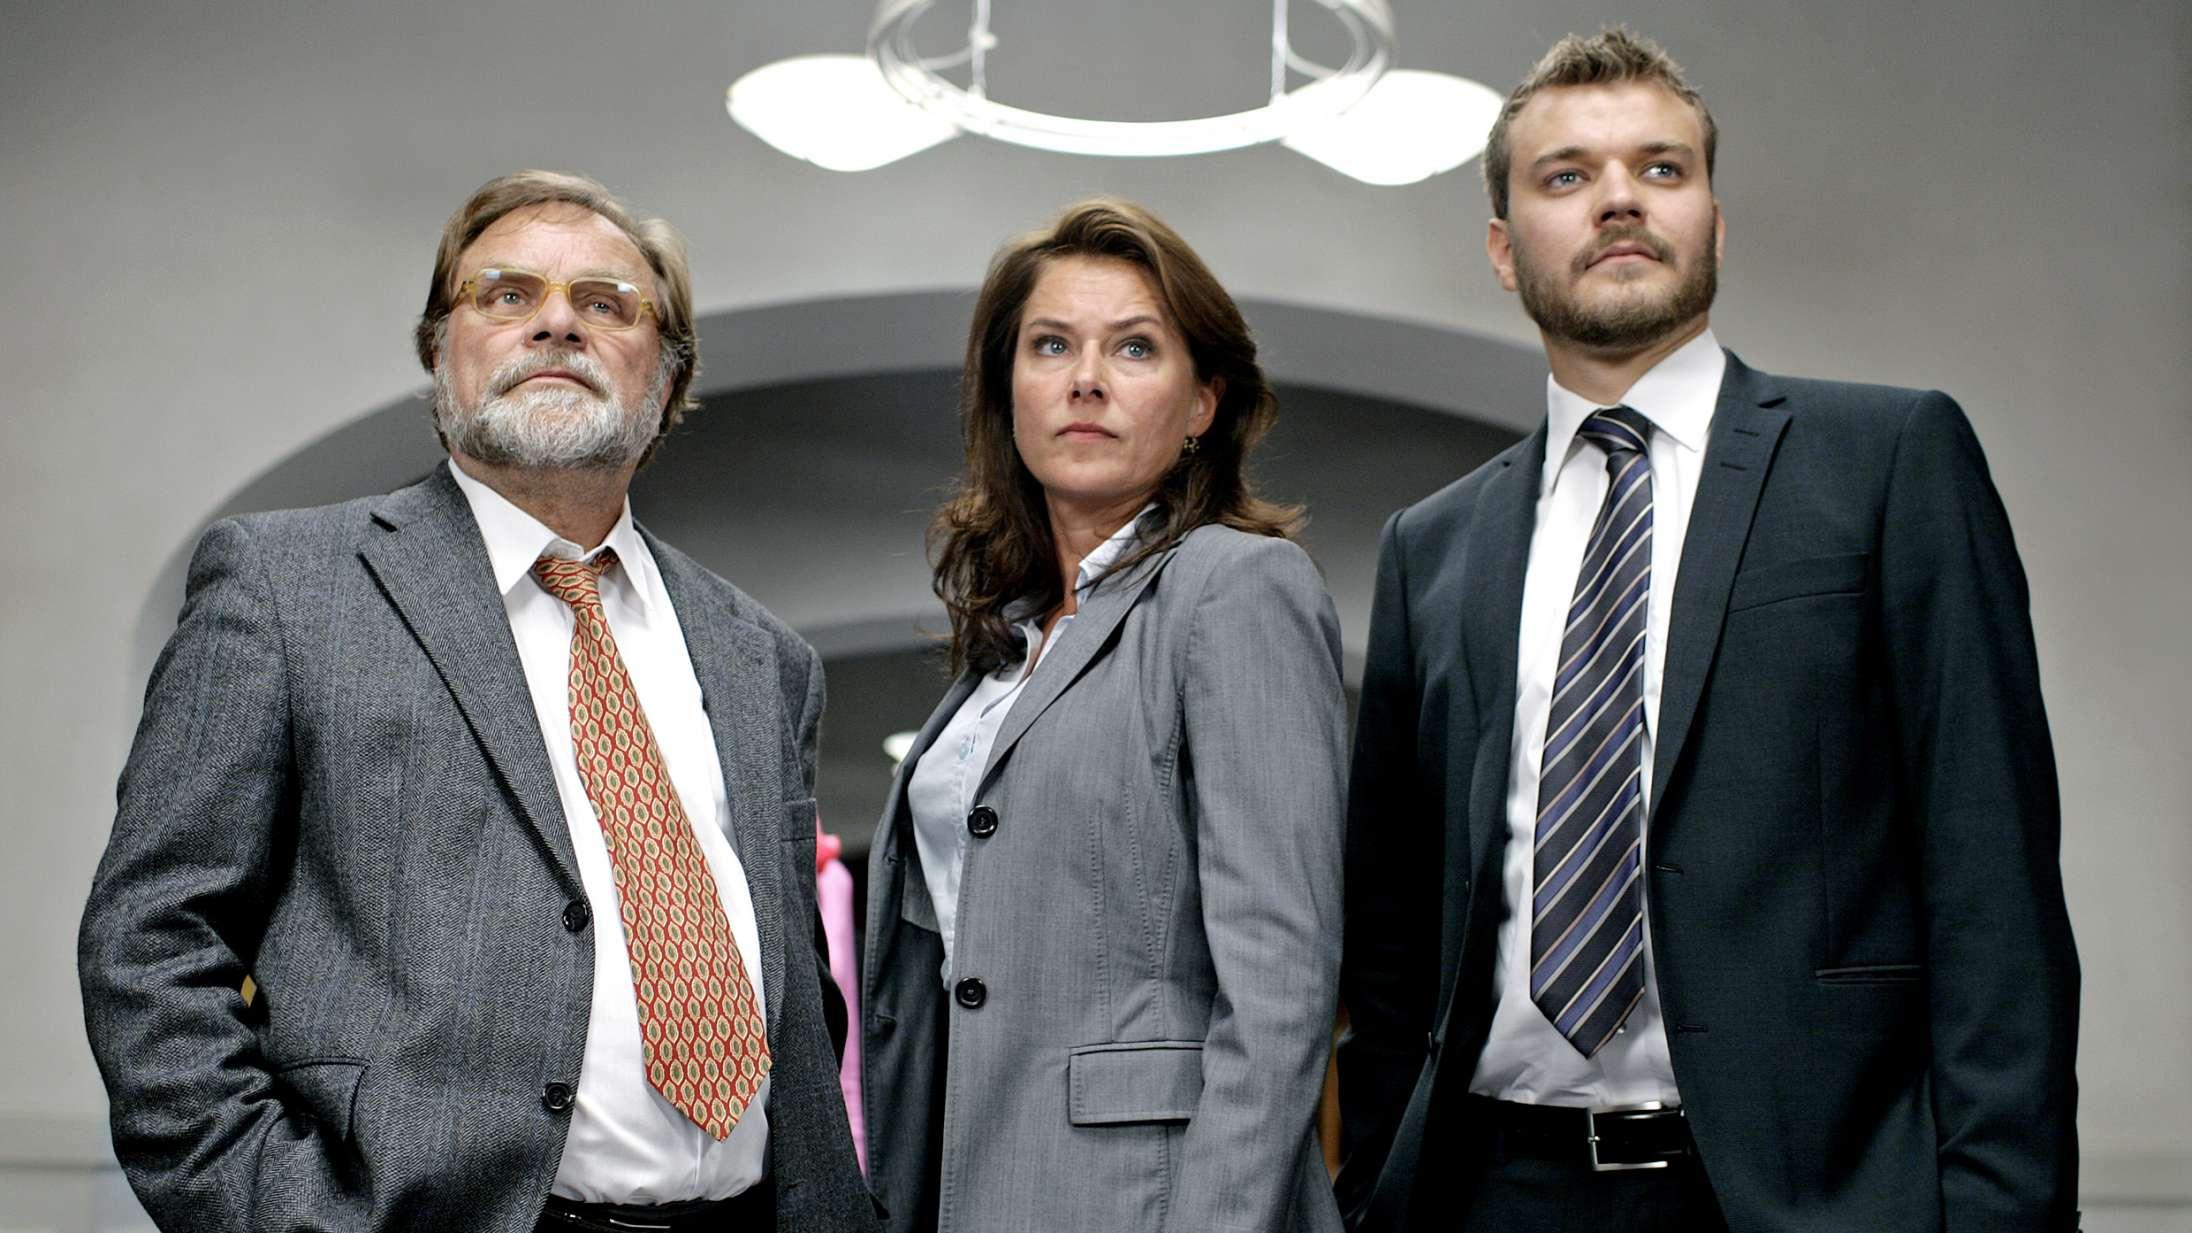 Førende amerikansk tv-kritiker: »Jeres serier er mere seriøse og sofistikerede«